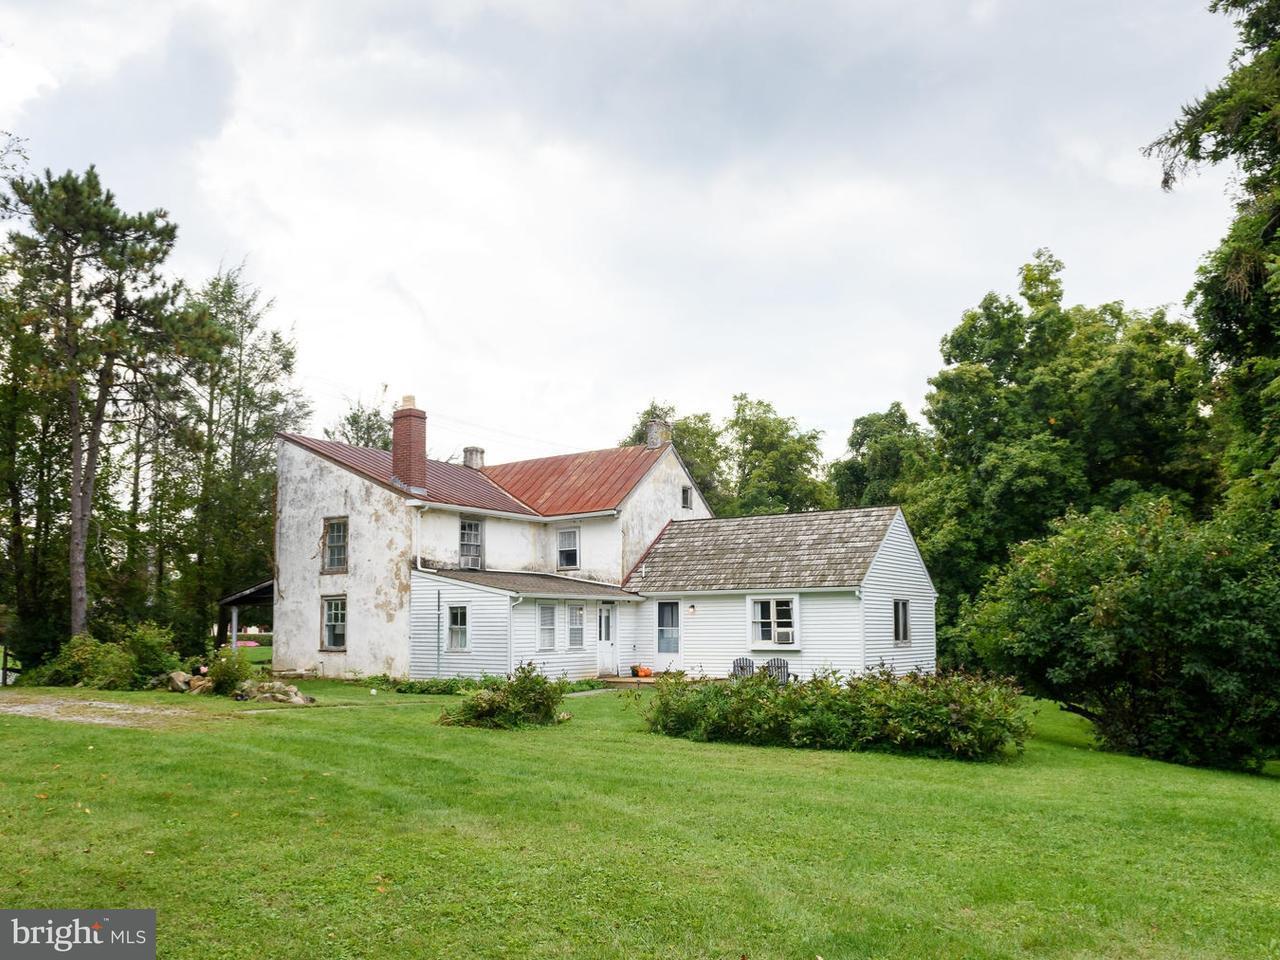 独户住宅 为 销售 在 1101 LITTLE CONESTOGA Road Glenmoore, 宾夕法尼亚州 19343 美国